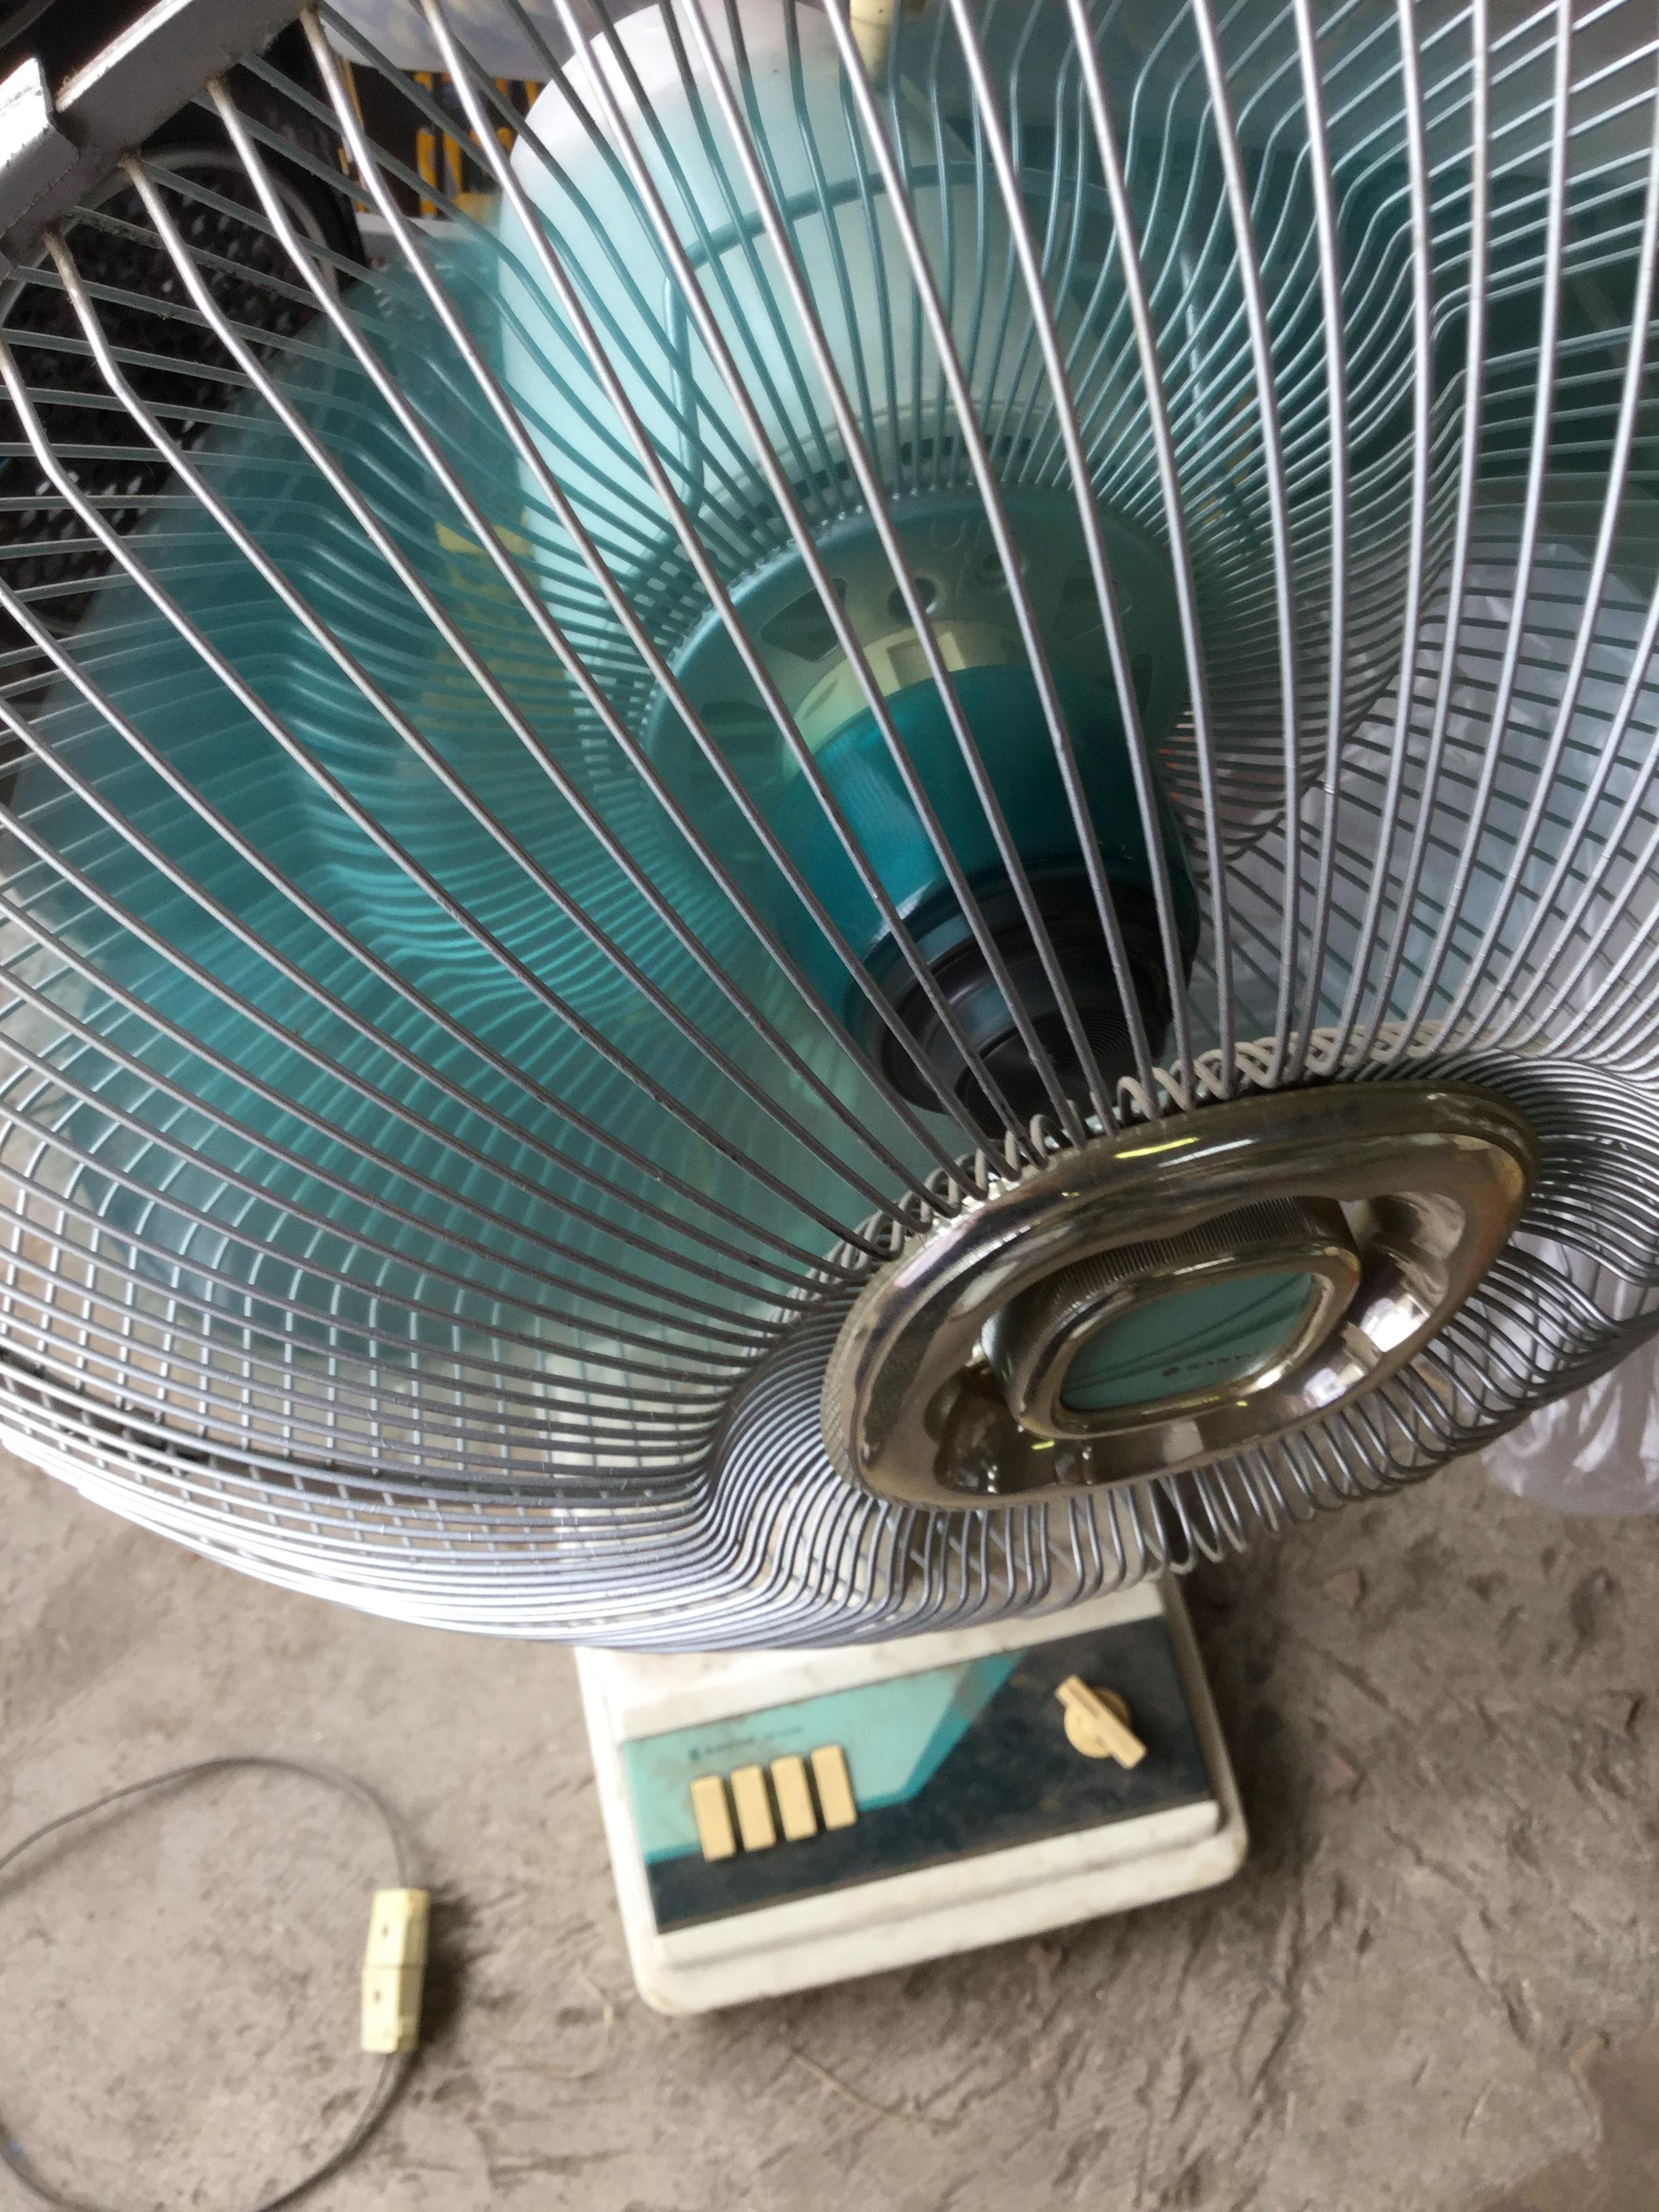 岡山県岡山市北区津高付近で回収した不用品の扇風機です。